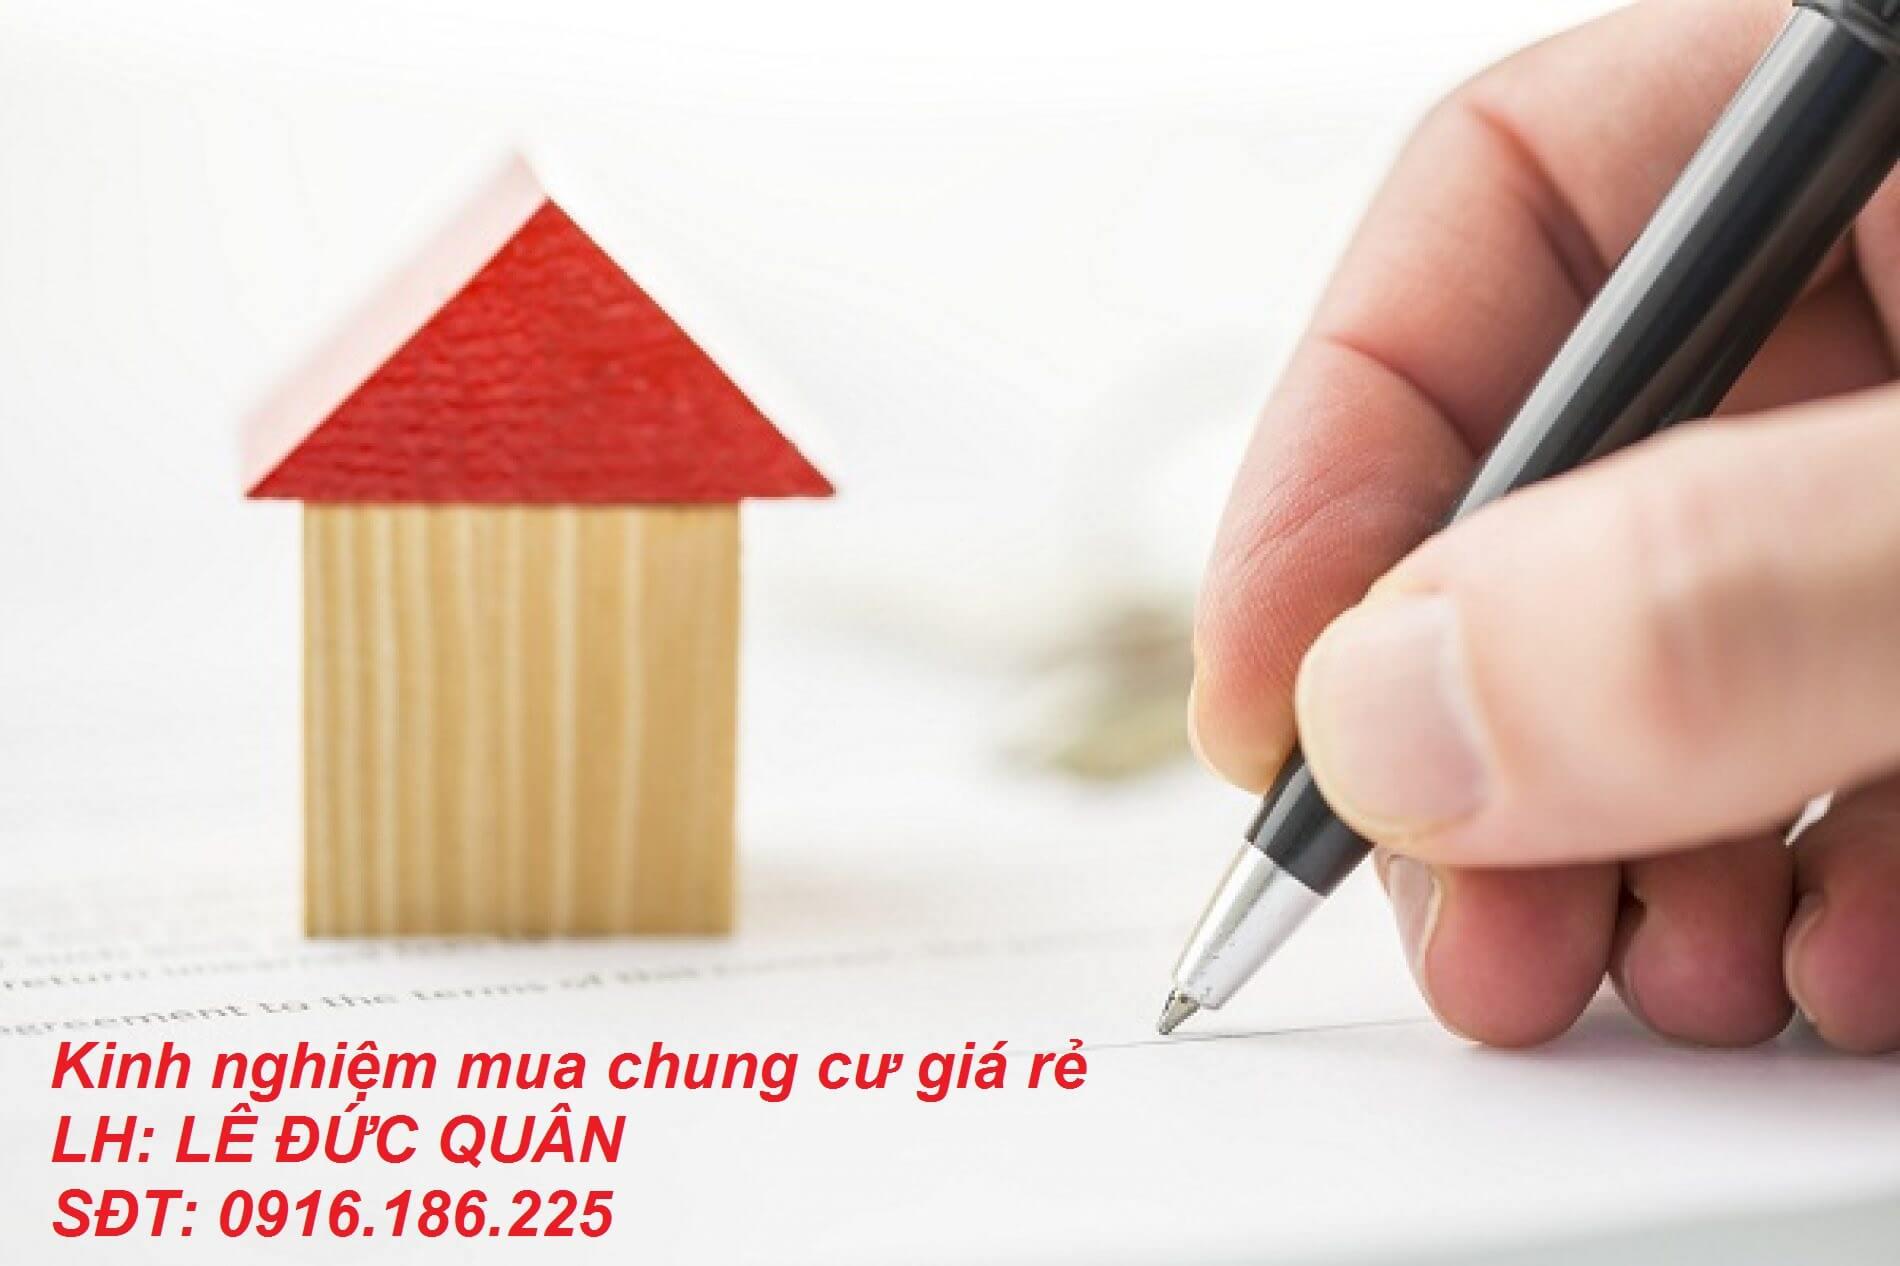 Kinh nghiệm mua chung cư giá rẻ an toàn nhất